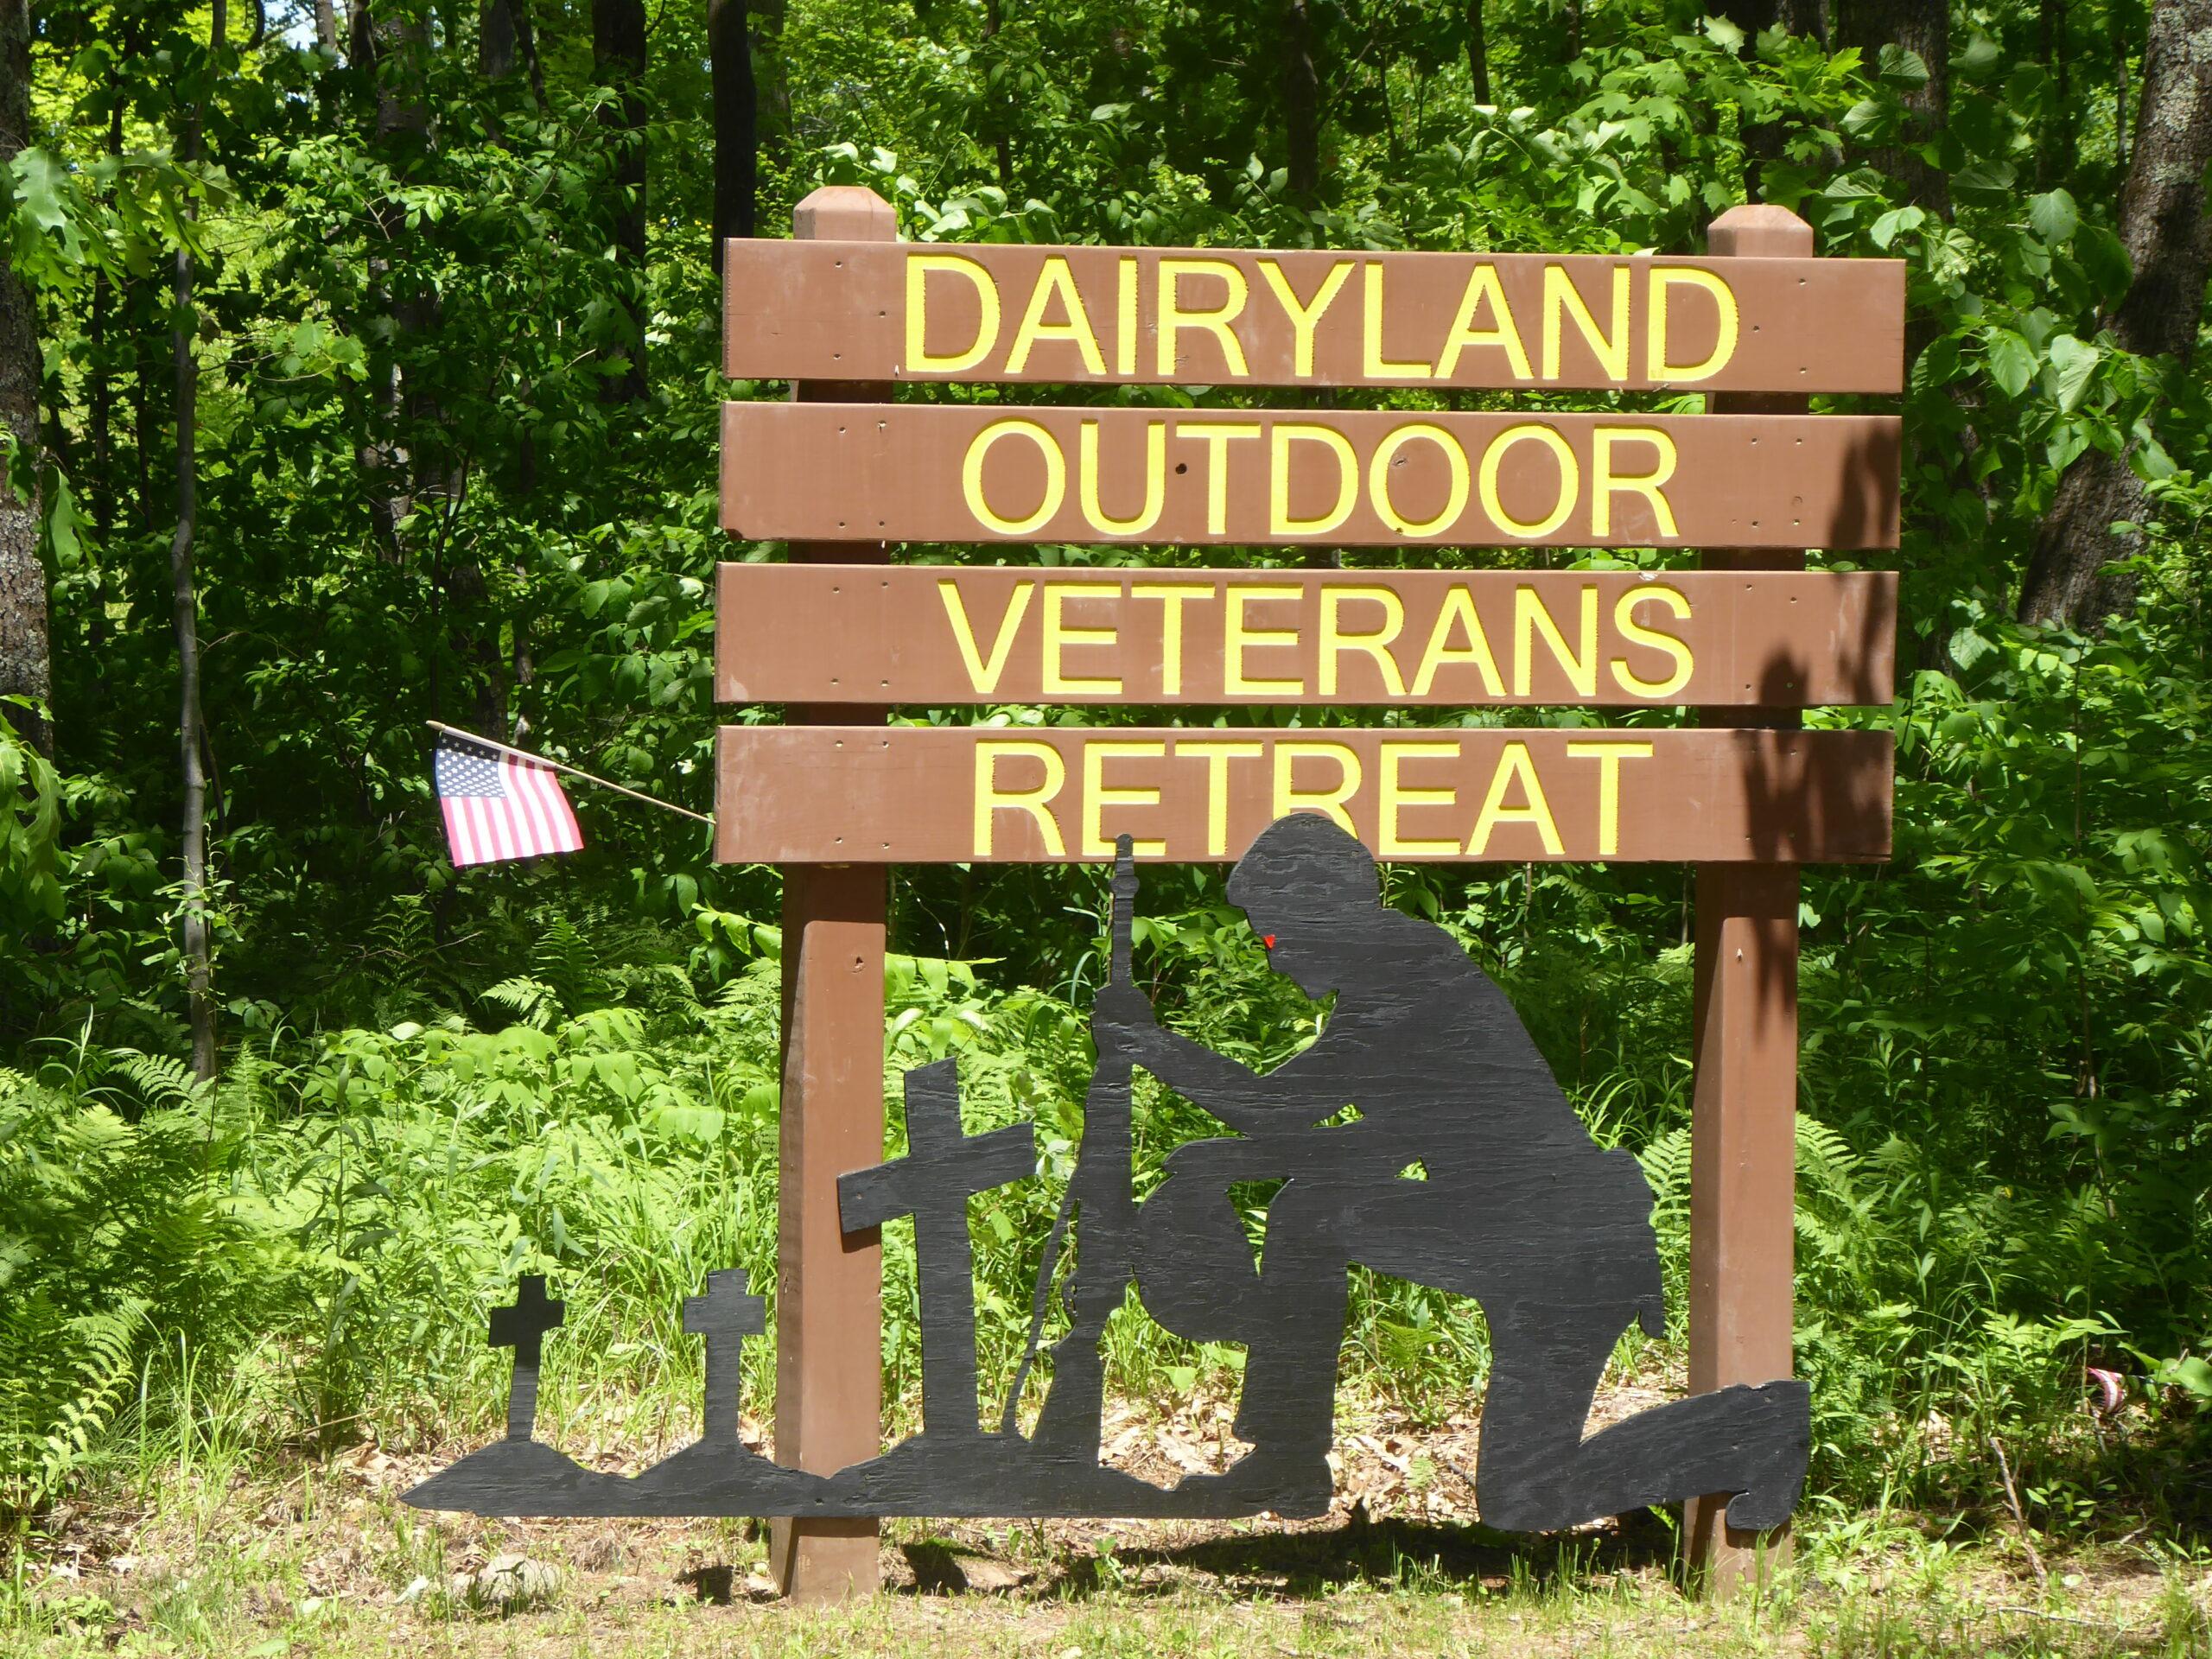 Dairyland Outdoor Veterans Retreat Sign